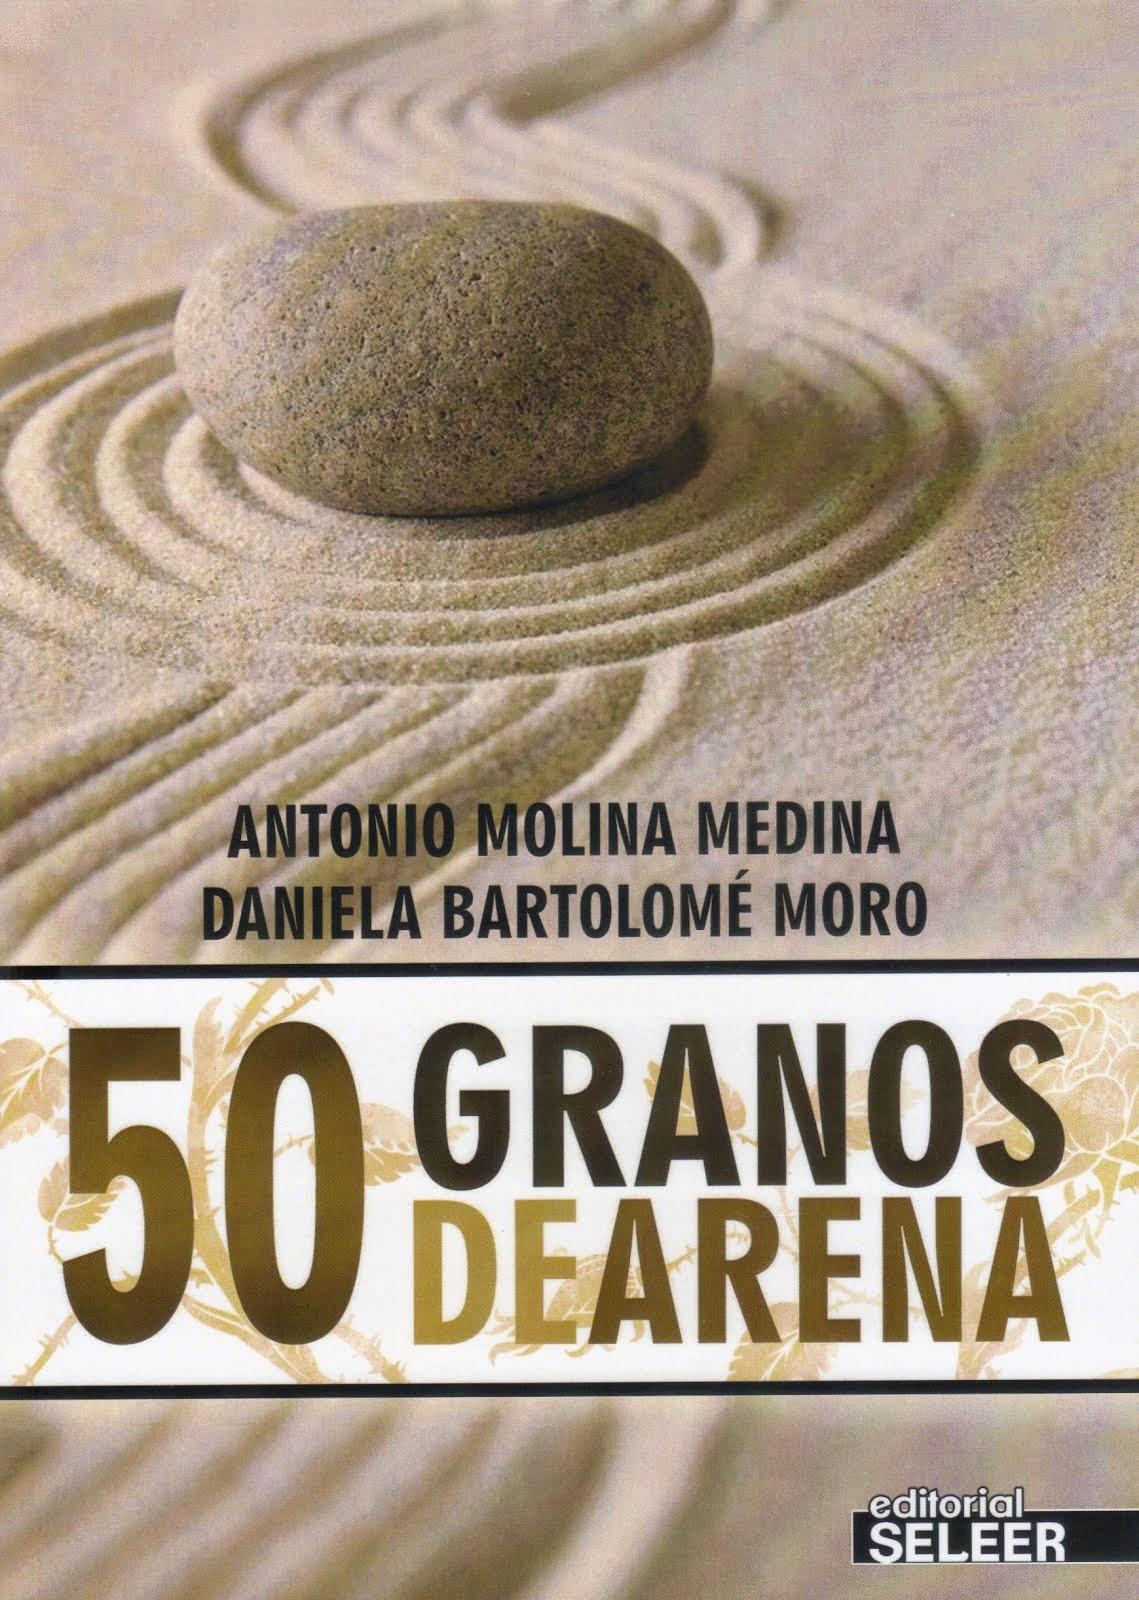 50 Granos de arena